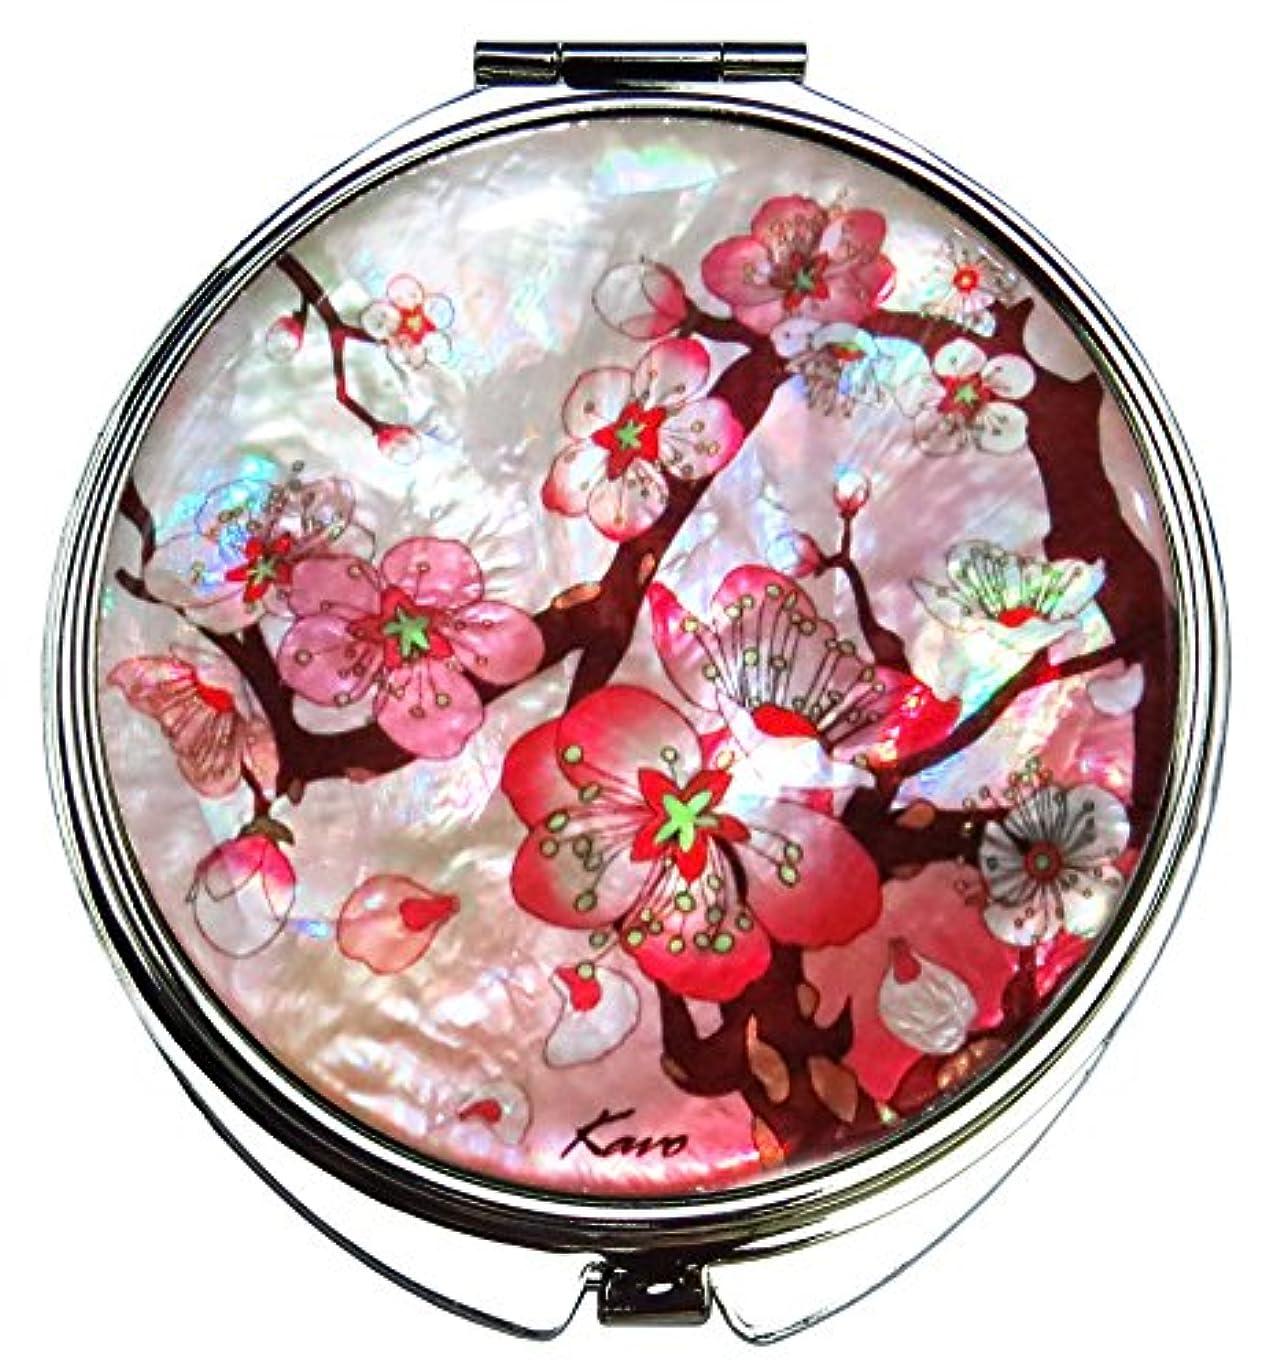 スキム時間ブランド桜(さくら) の螺鈿(らでん)の金属デュアルコンパクトな折りたたみと拡大の化粧鏡 白灰色 [並行輸入品]